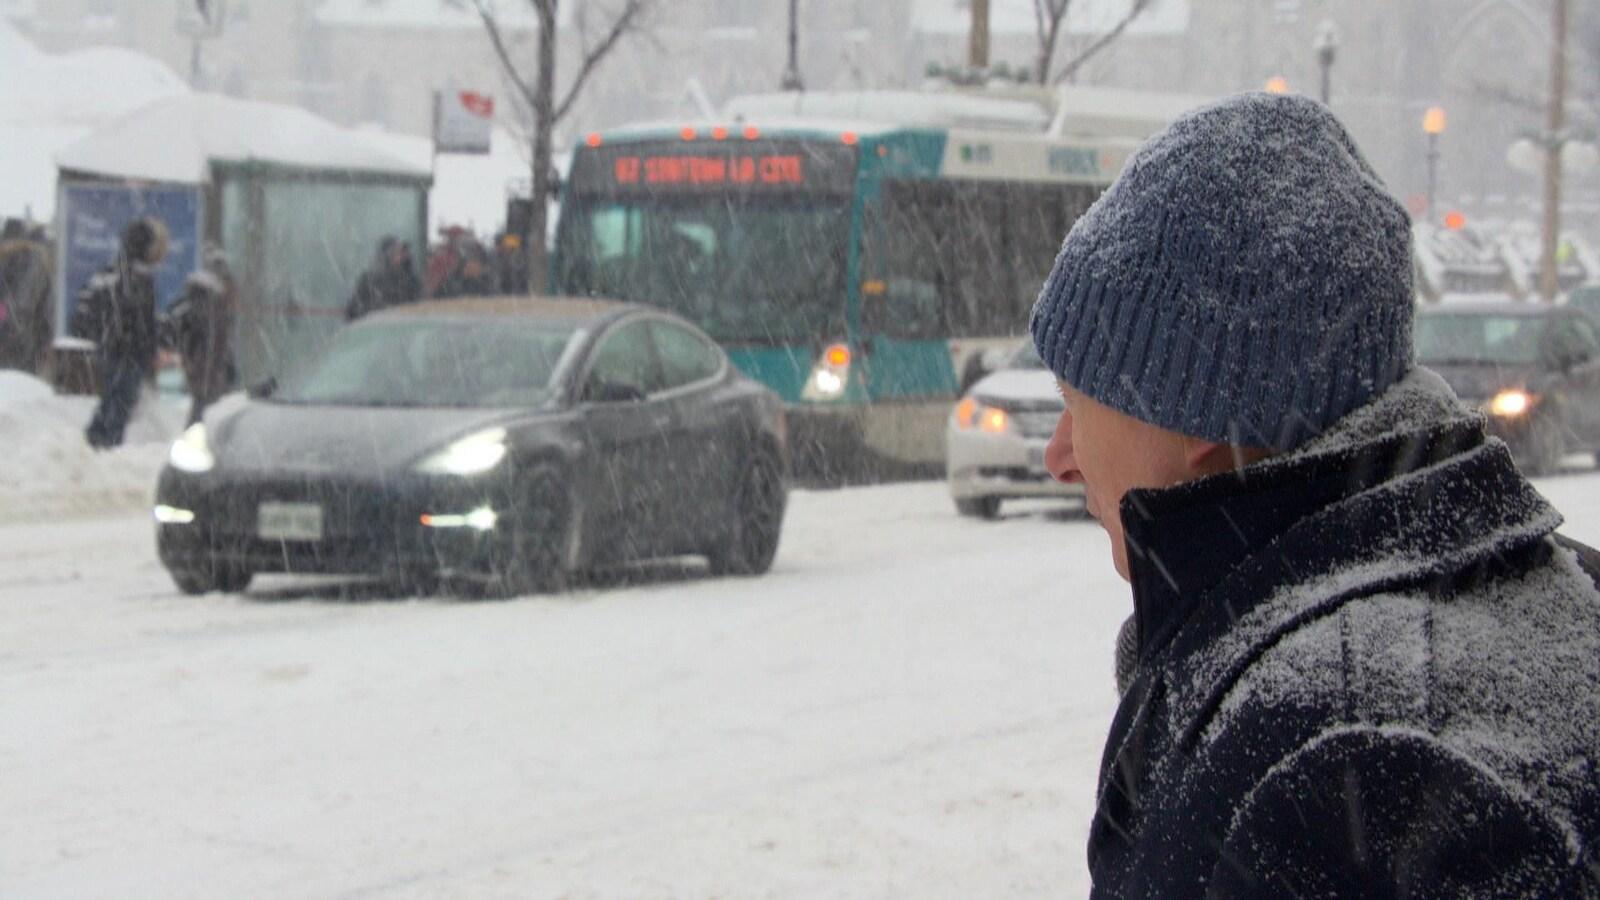 Un homme attend pour traverser la rue sous la neige.